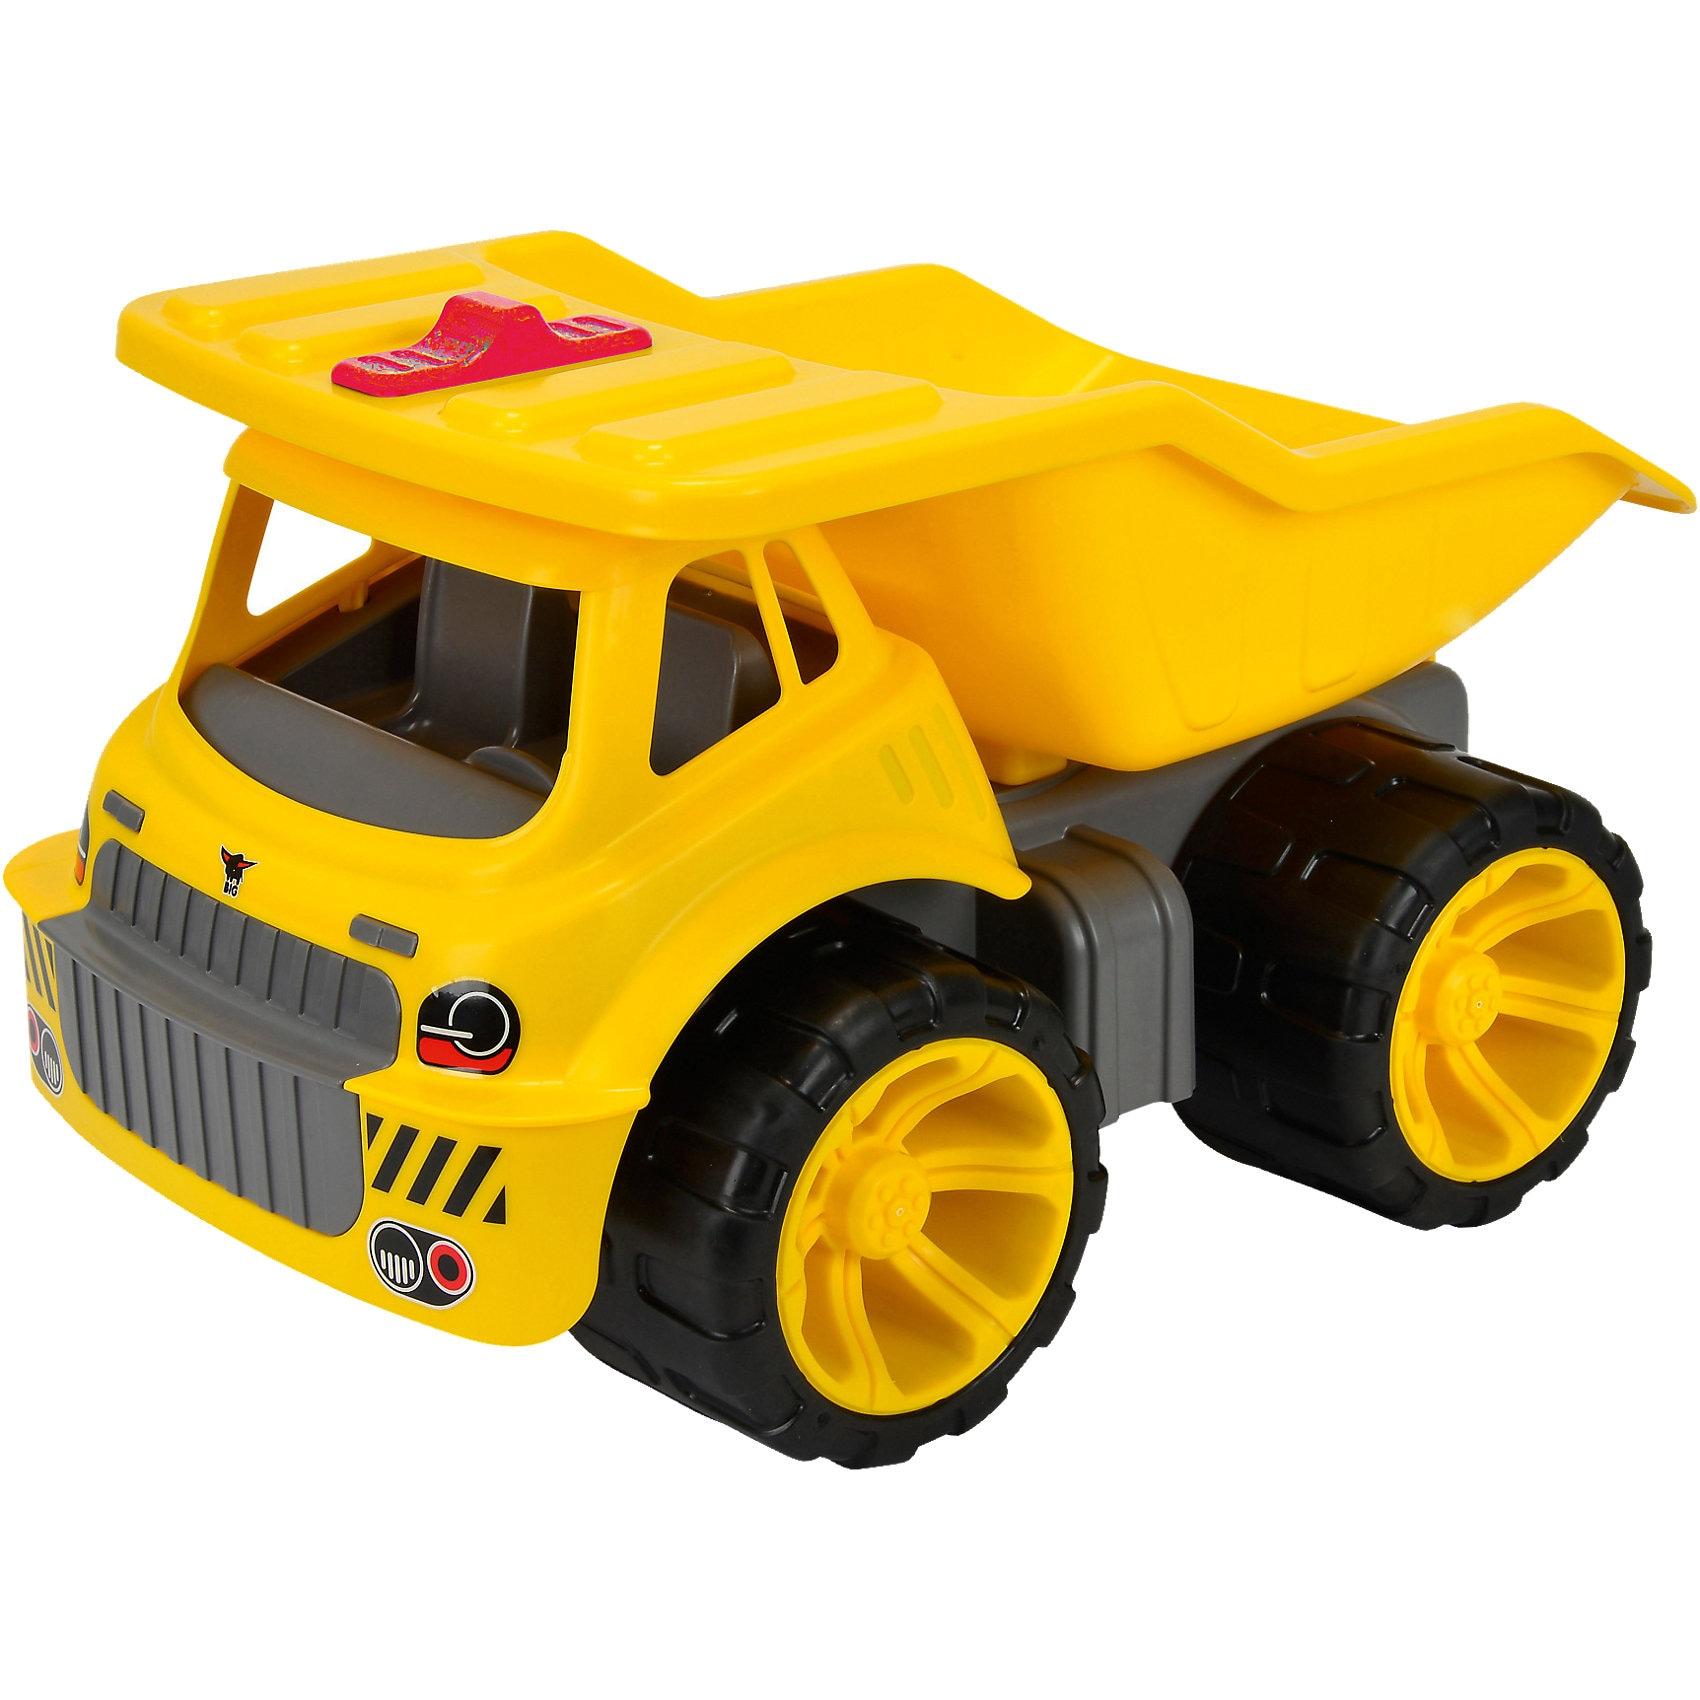 Big Maxi Truck 47cm